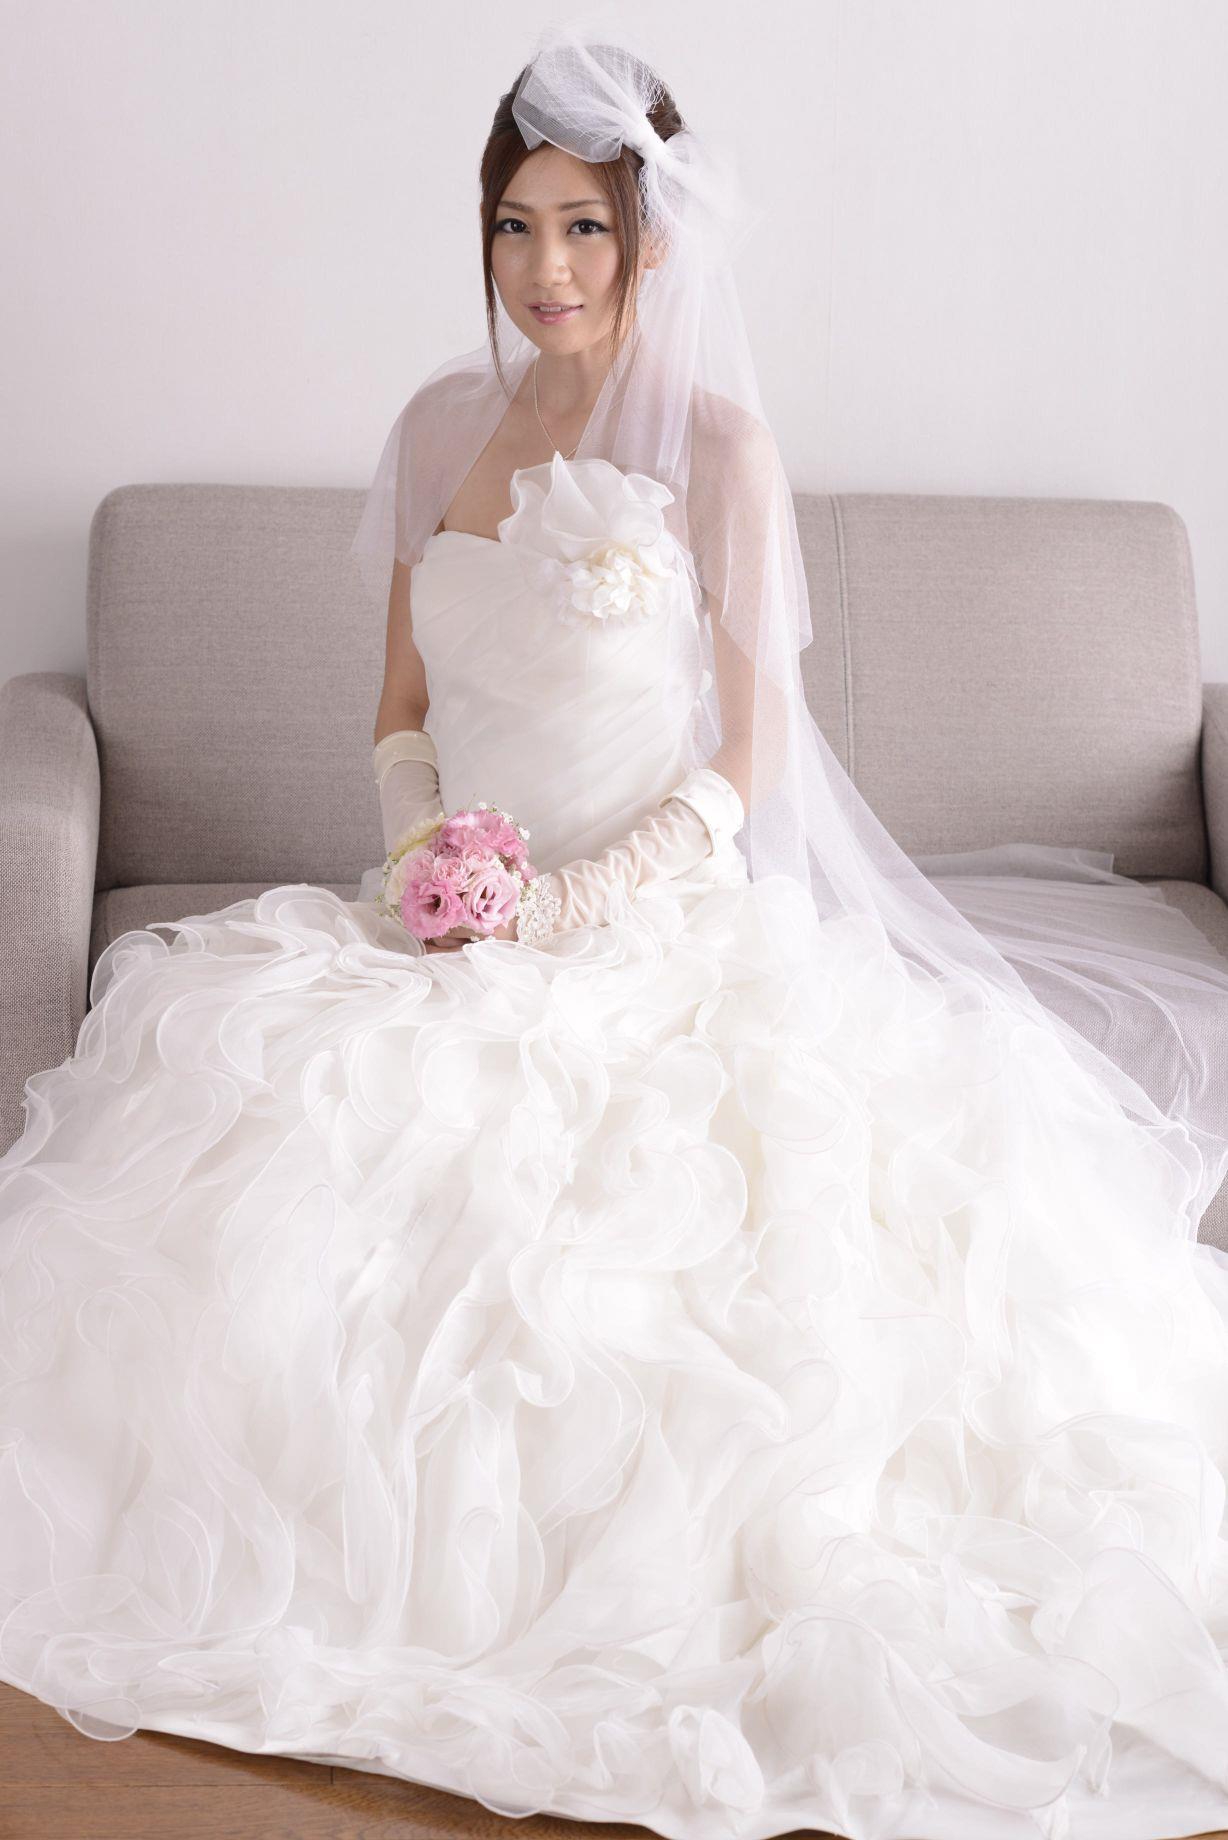 前田かおり ウェディングドレス画像 37